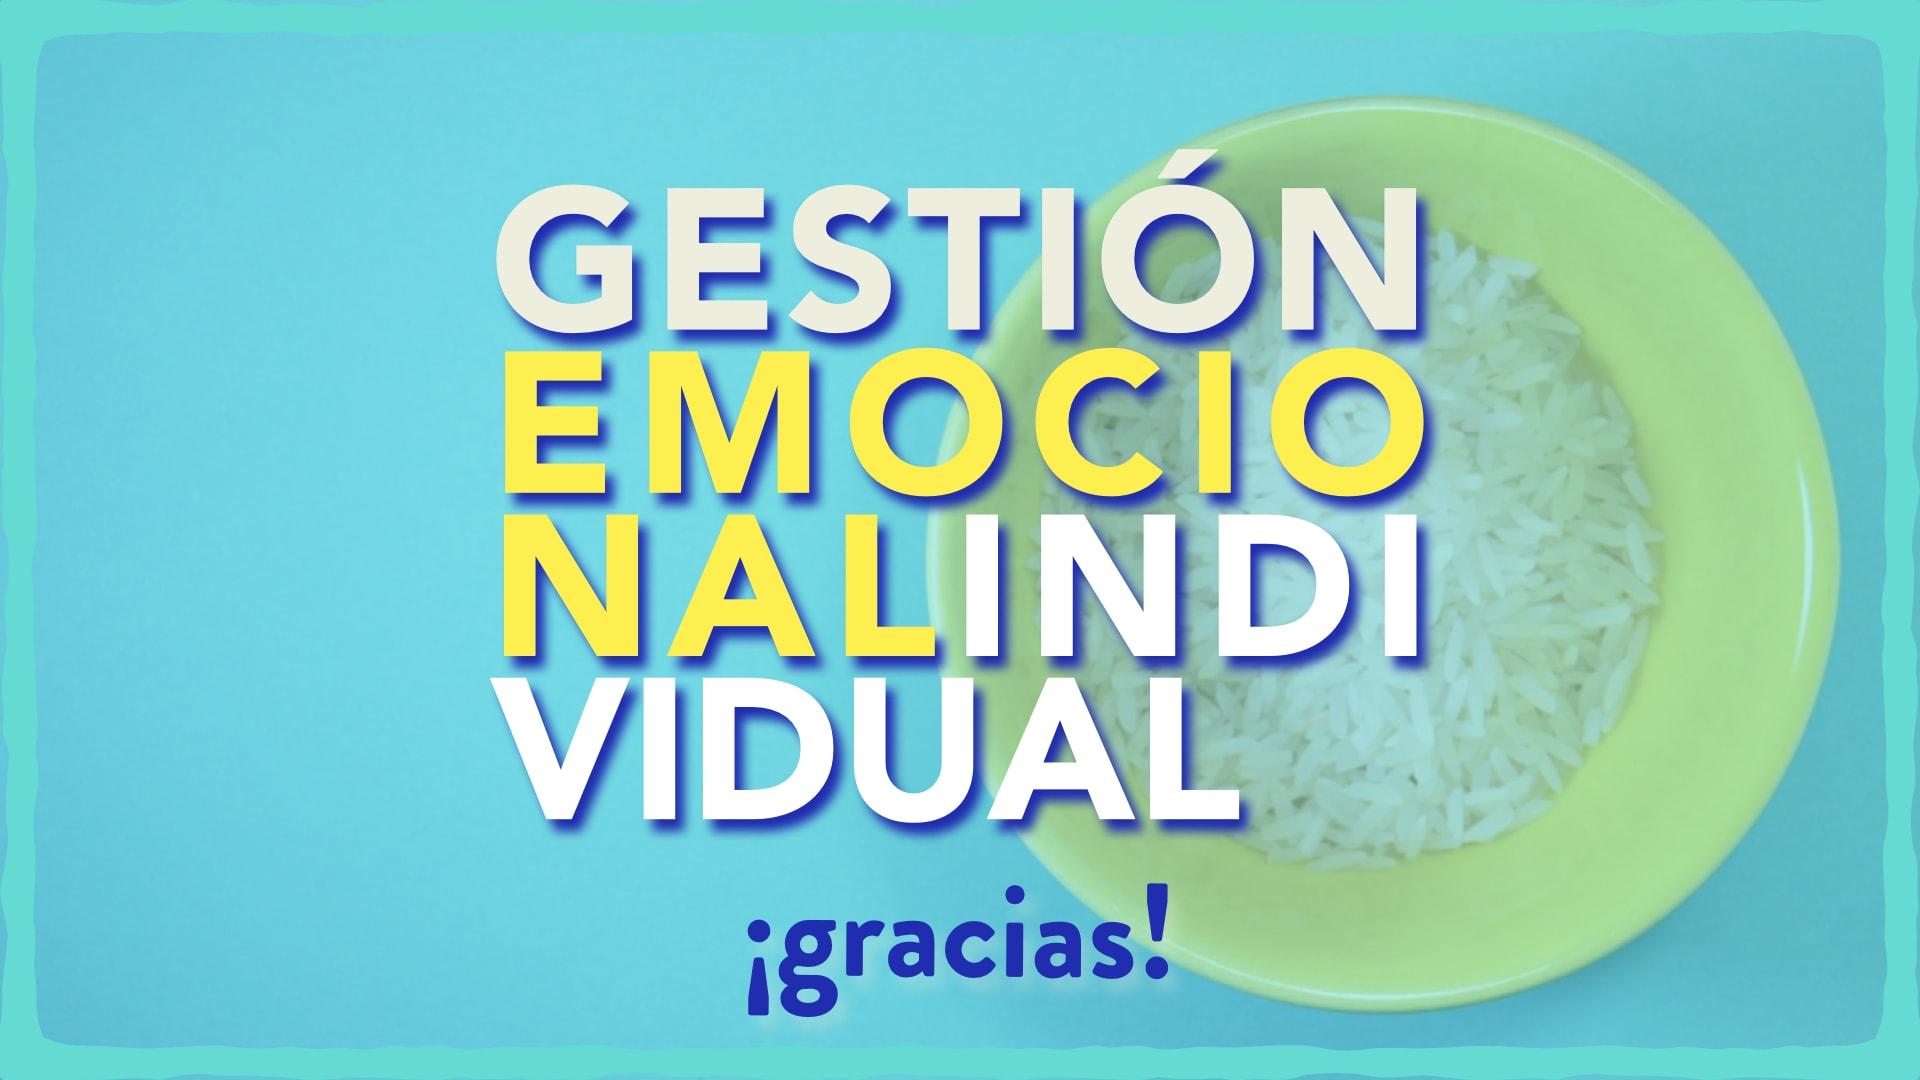 image from Gestión Emocional